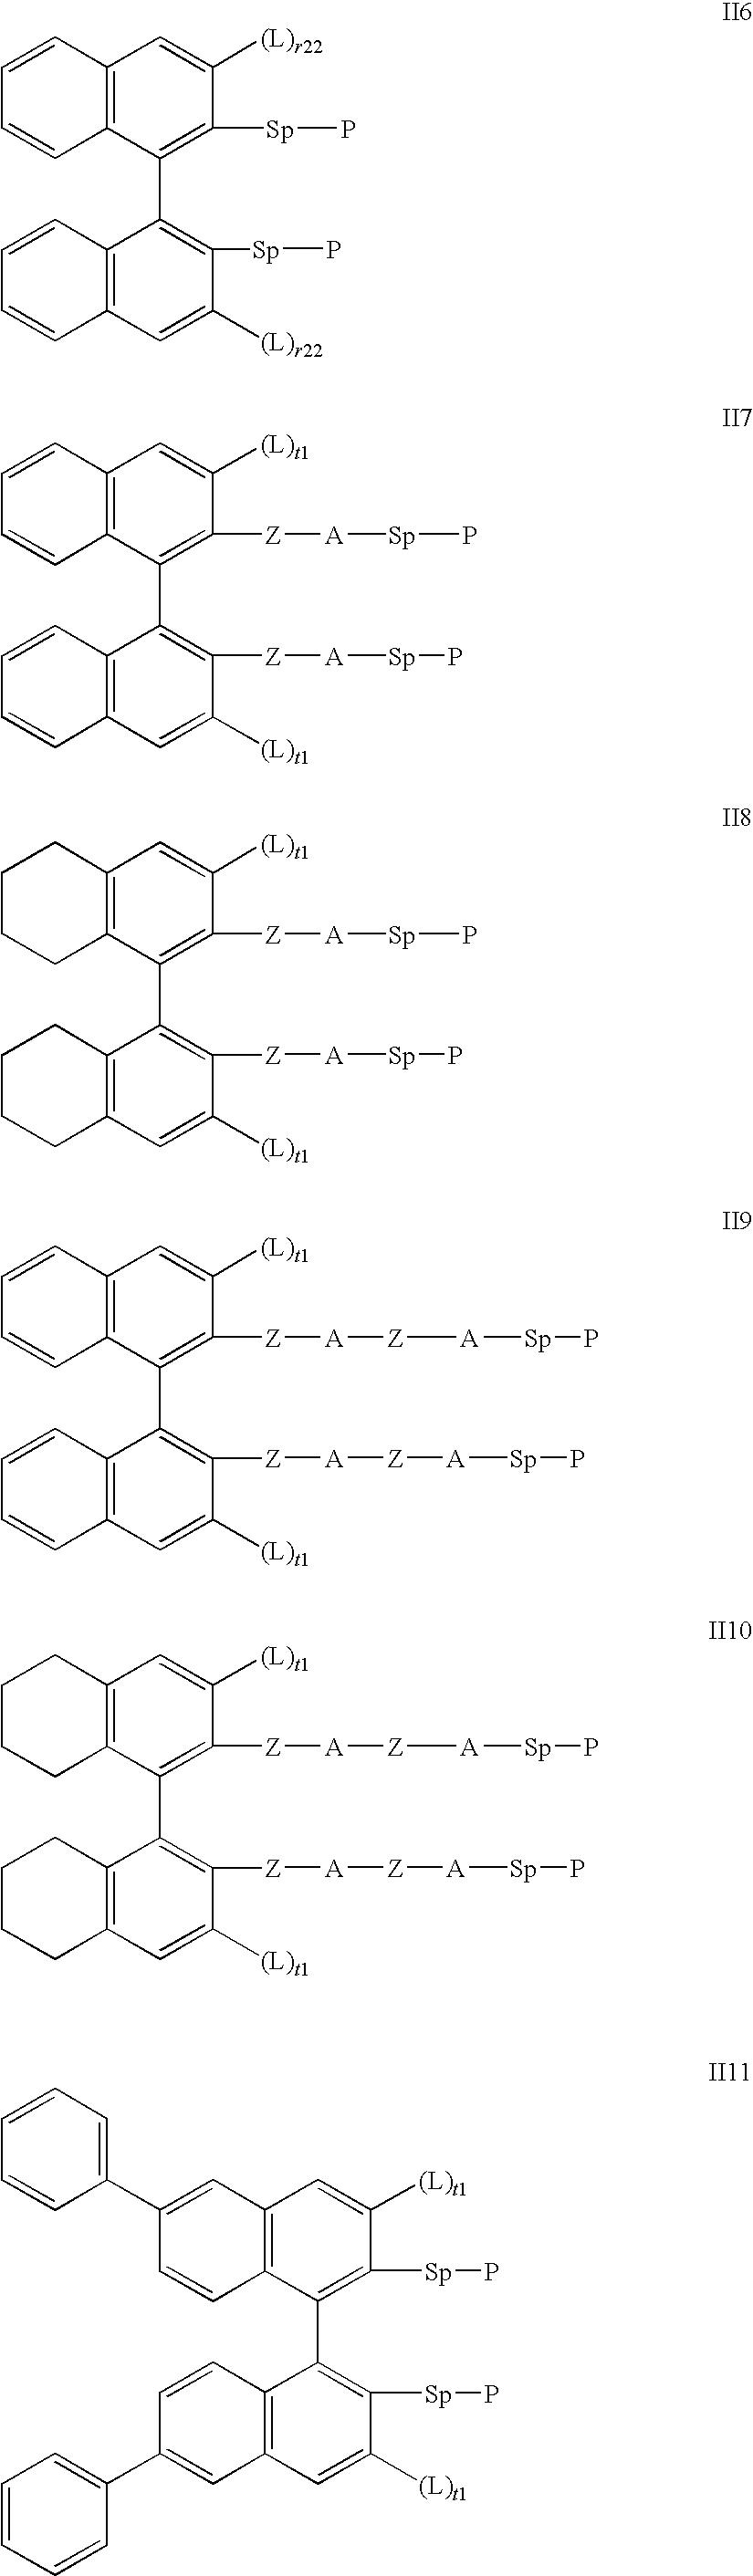 Figure US20100304049A1-20101202-C00011